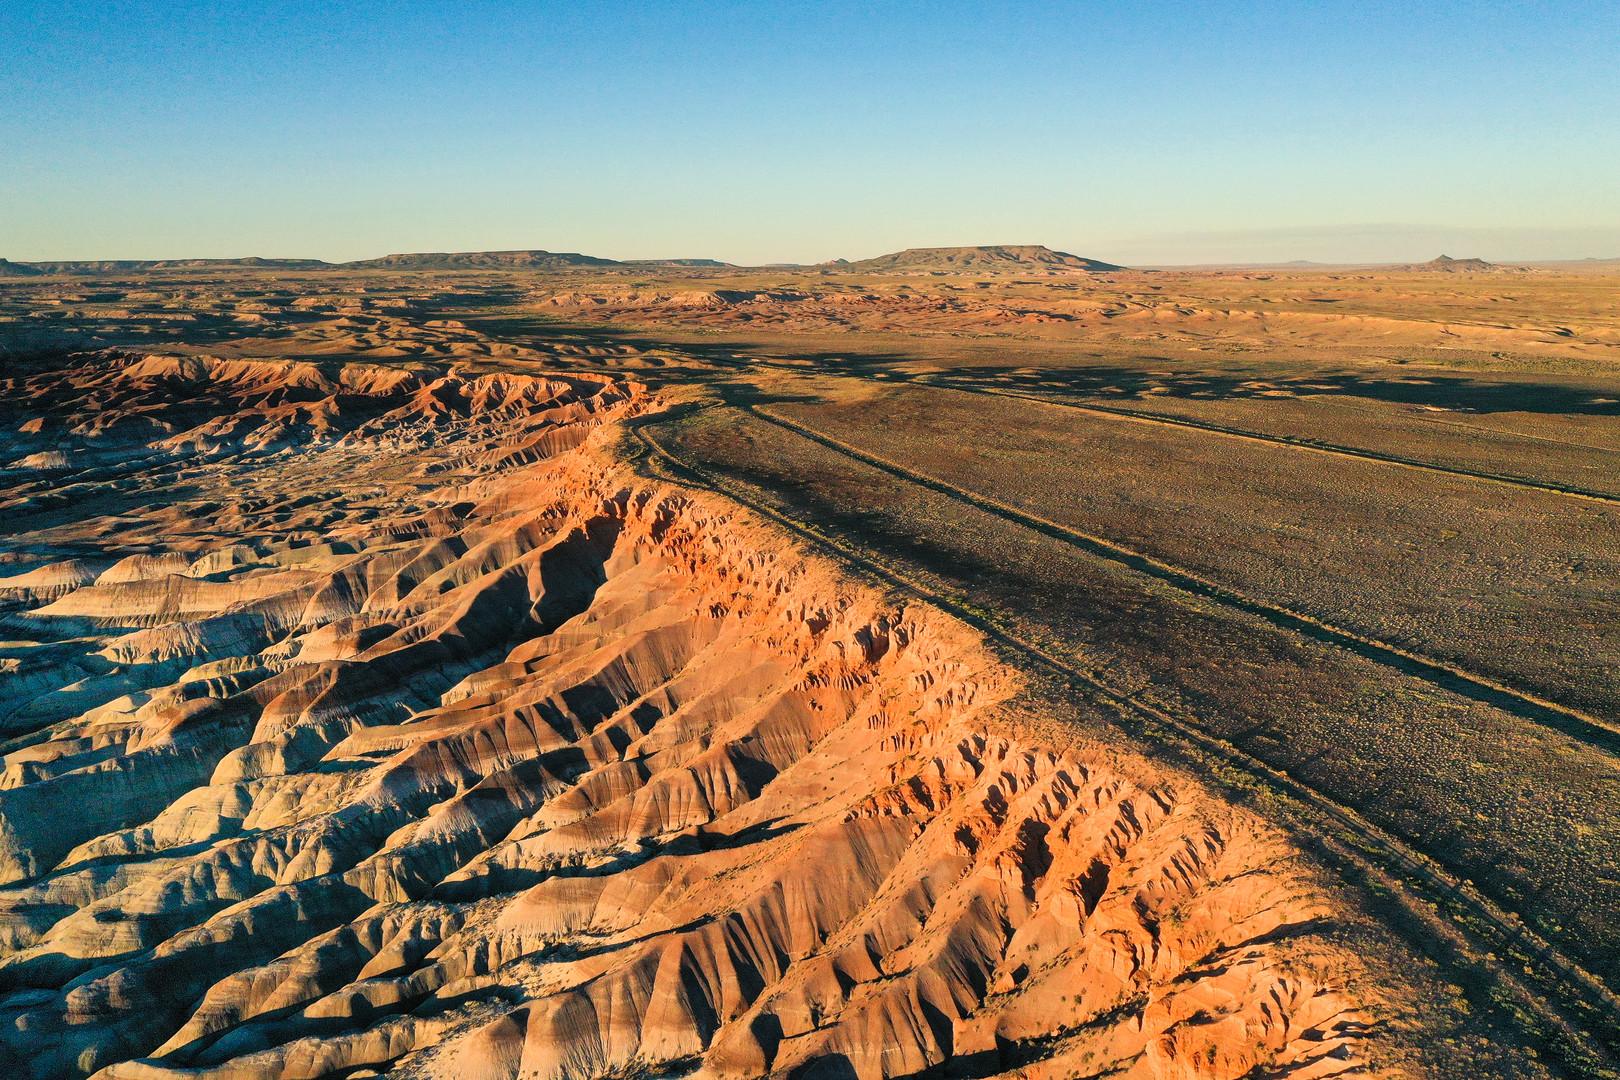 The Little Painted Desert